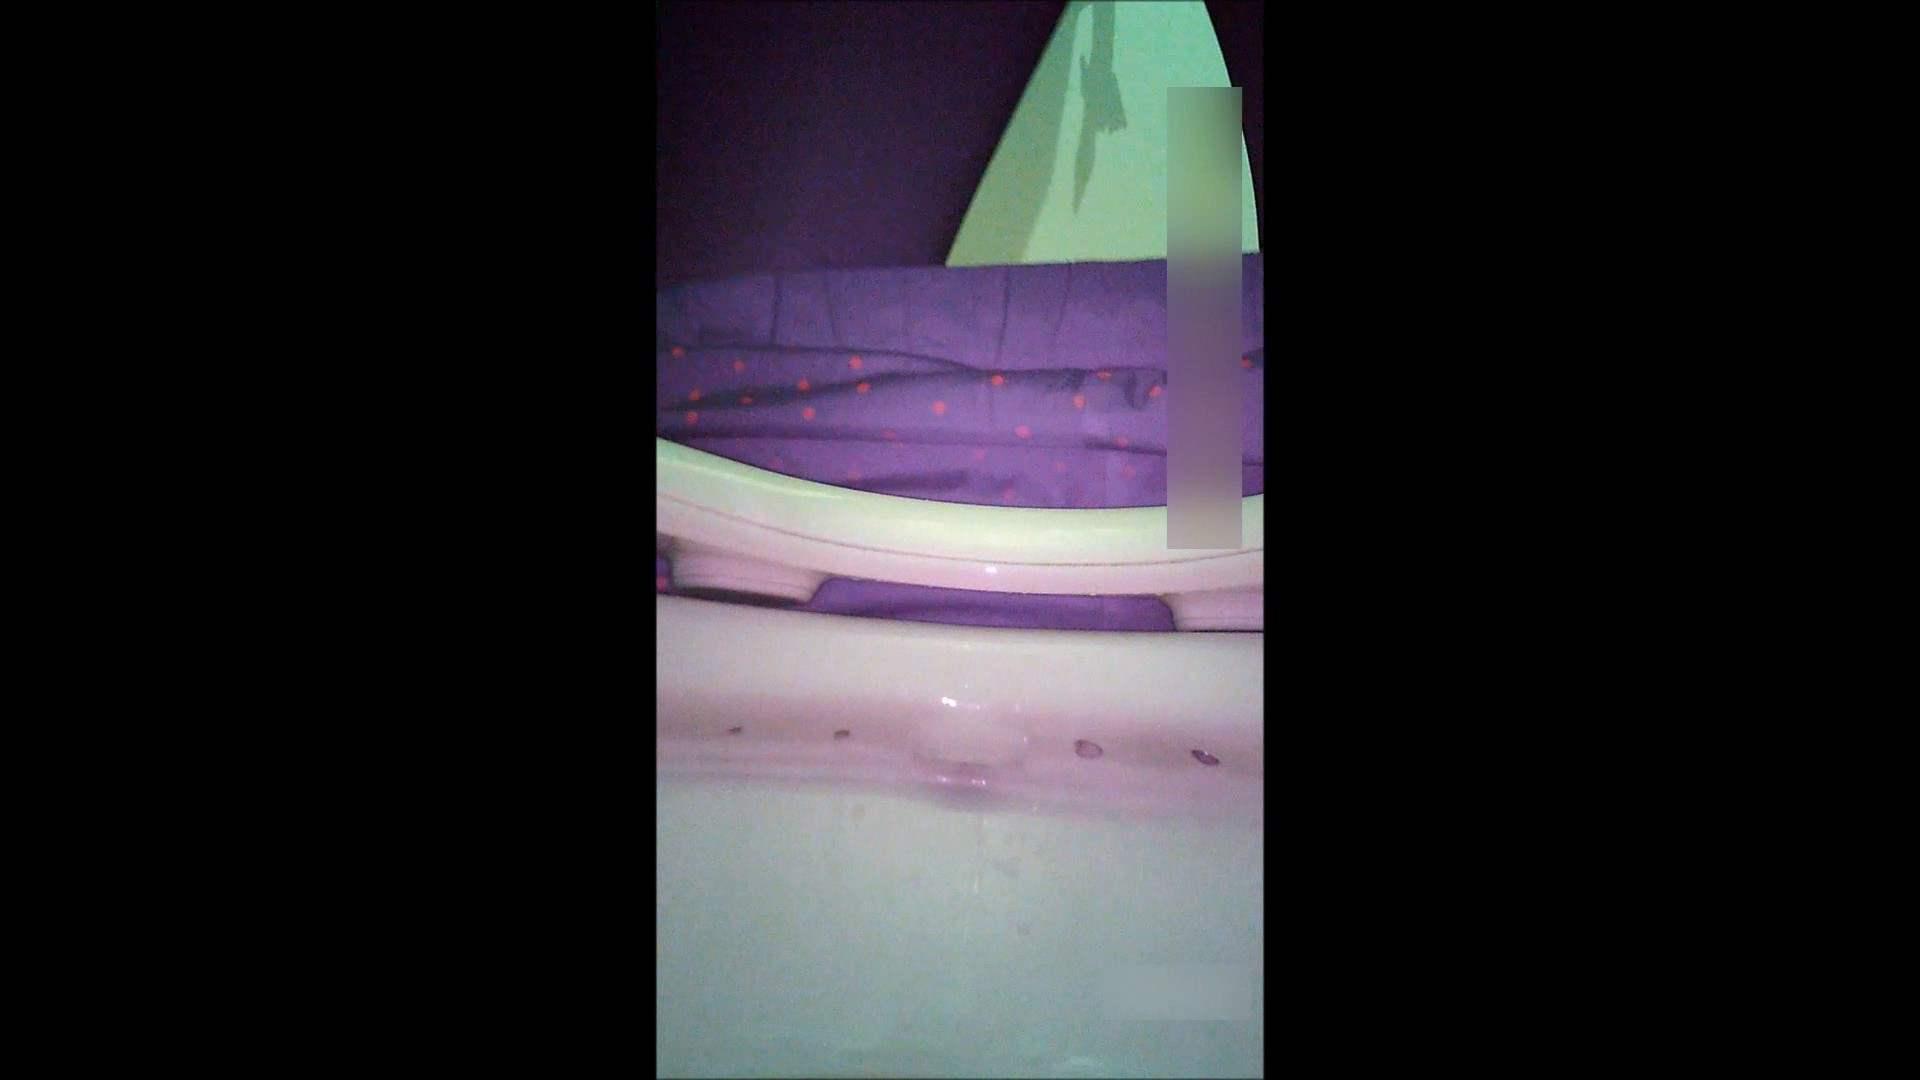 キレカワ女子大生の秘密の洗面所!Vol.051 女子大生 盗撮動画紹介 91画像 52